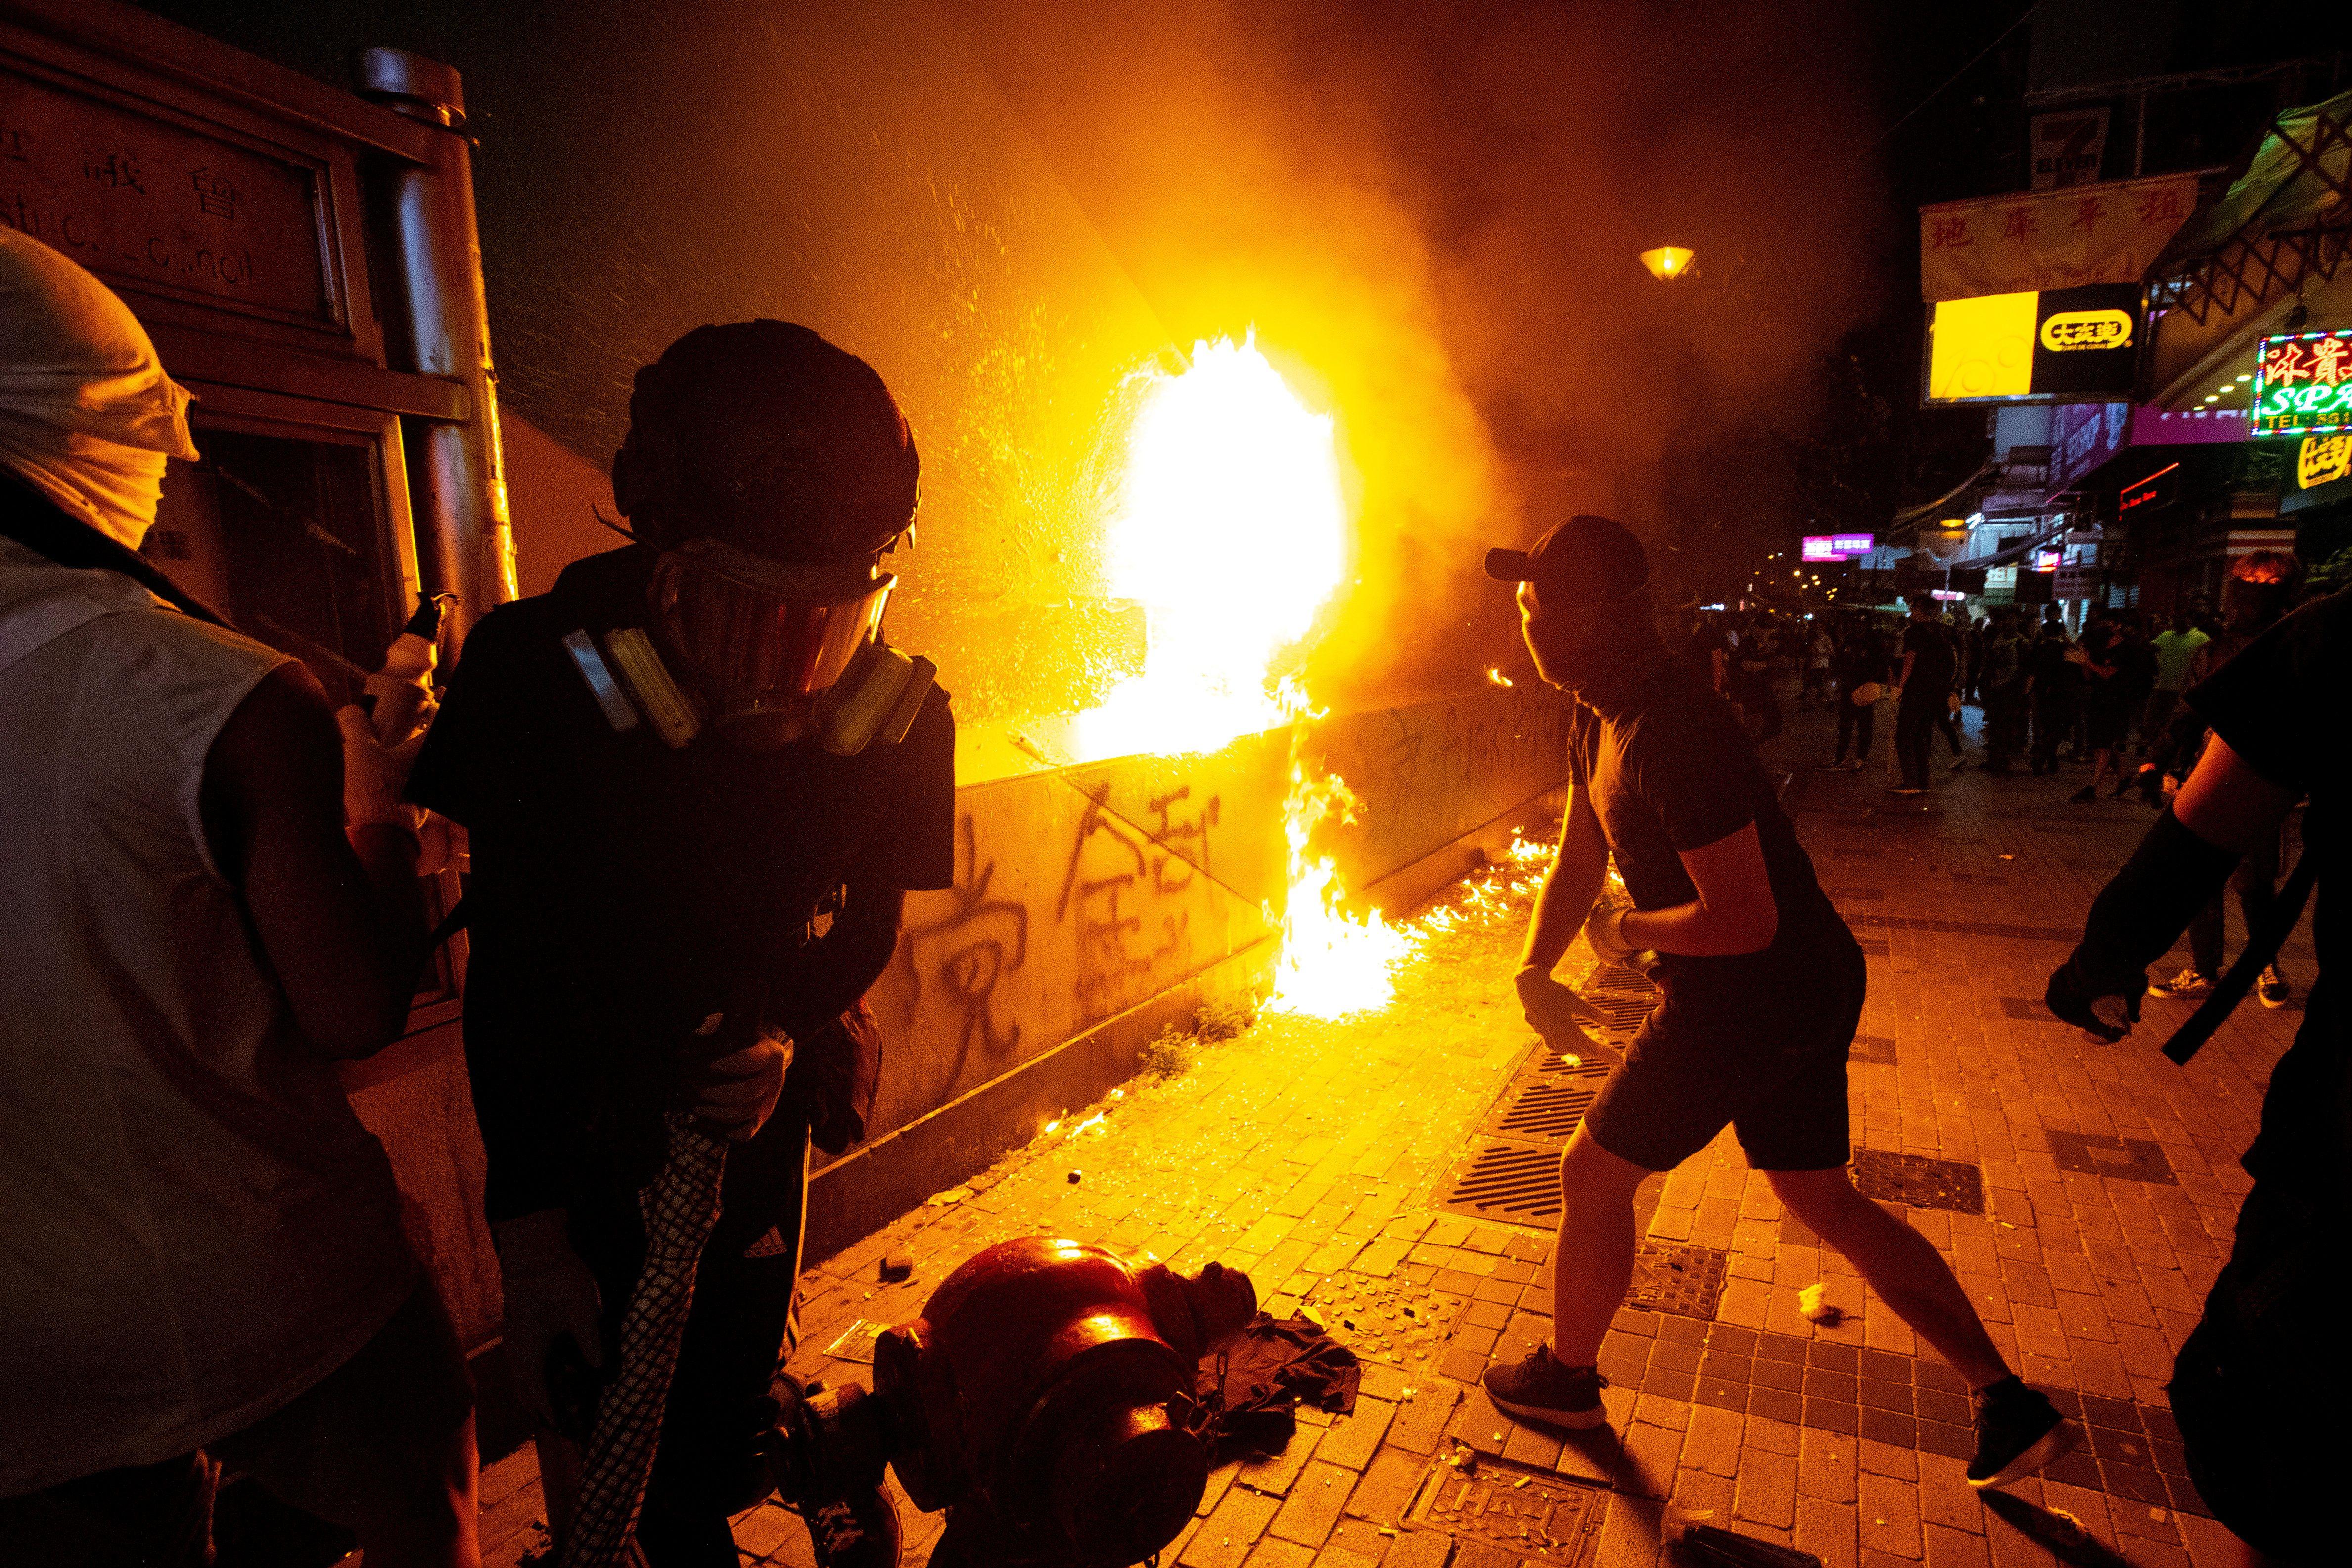 What We're Watching: A Dangerous Escalation in Hong Kong